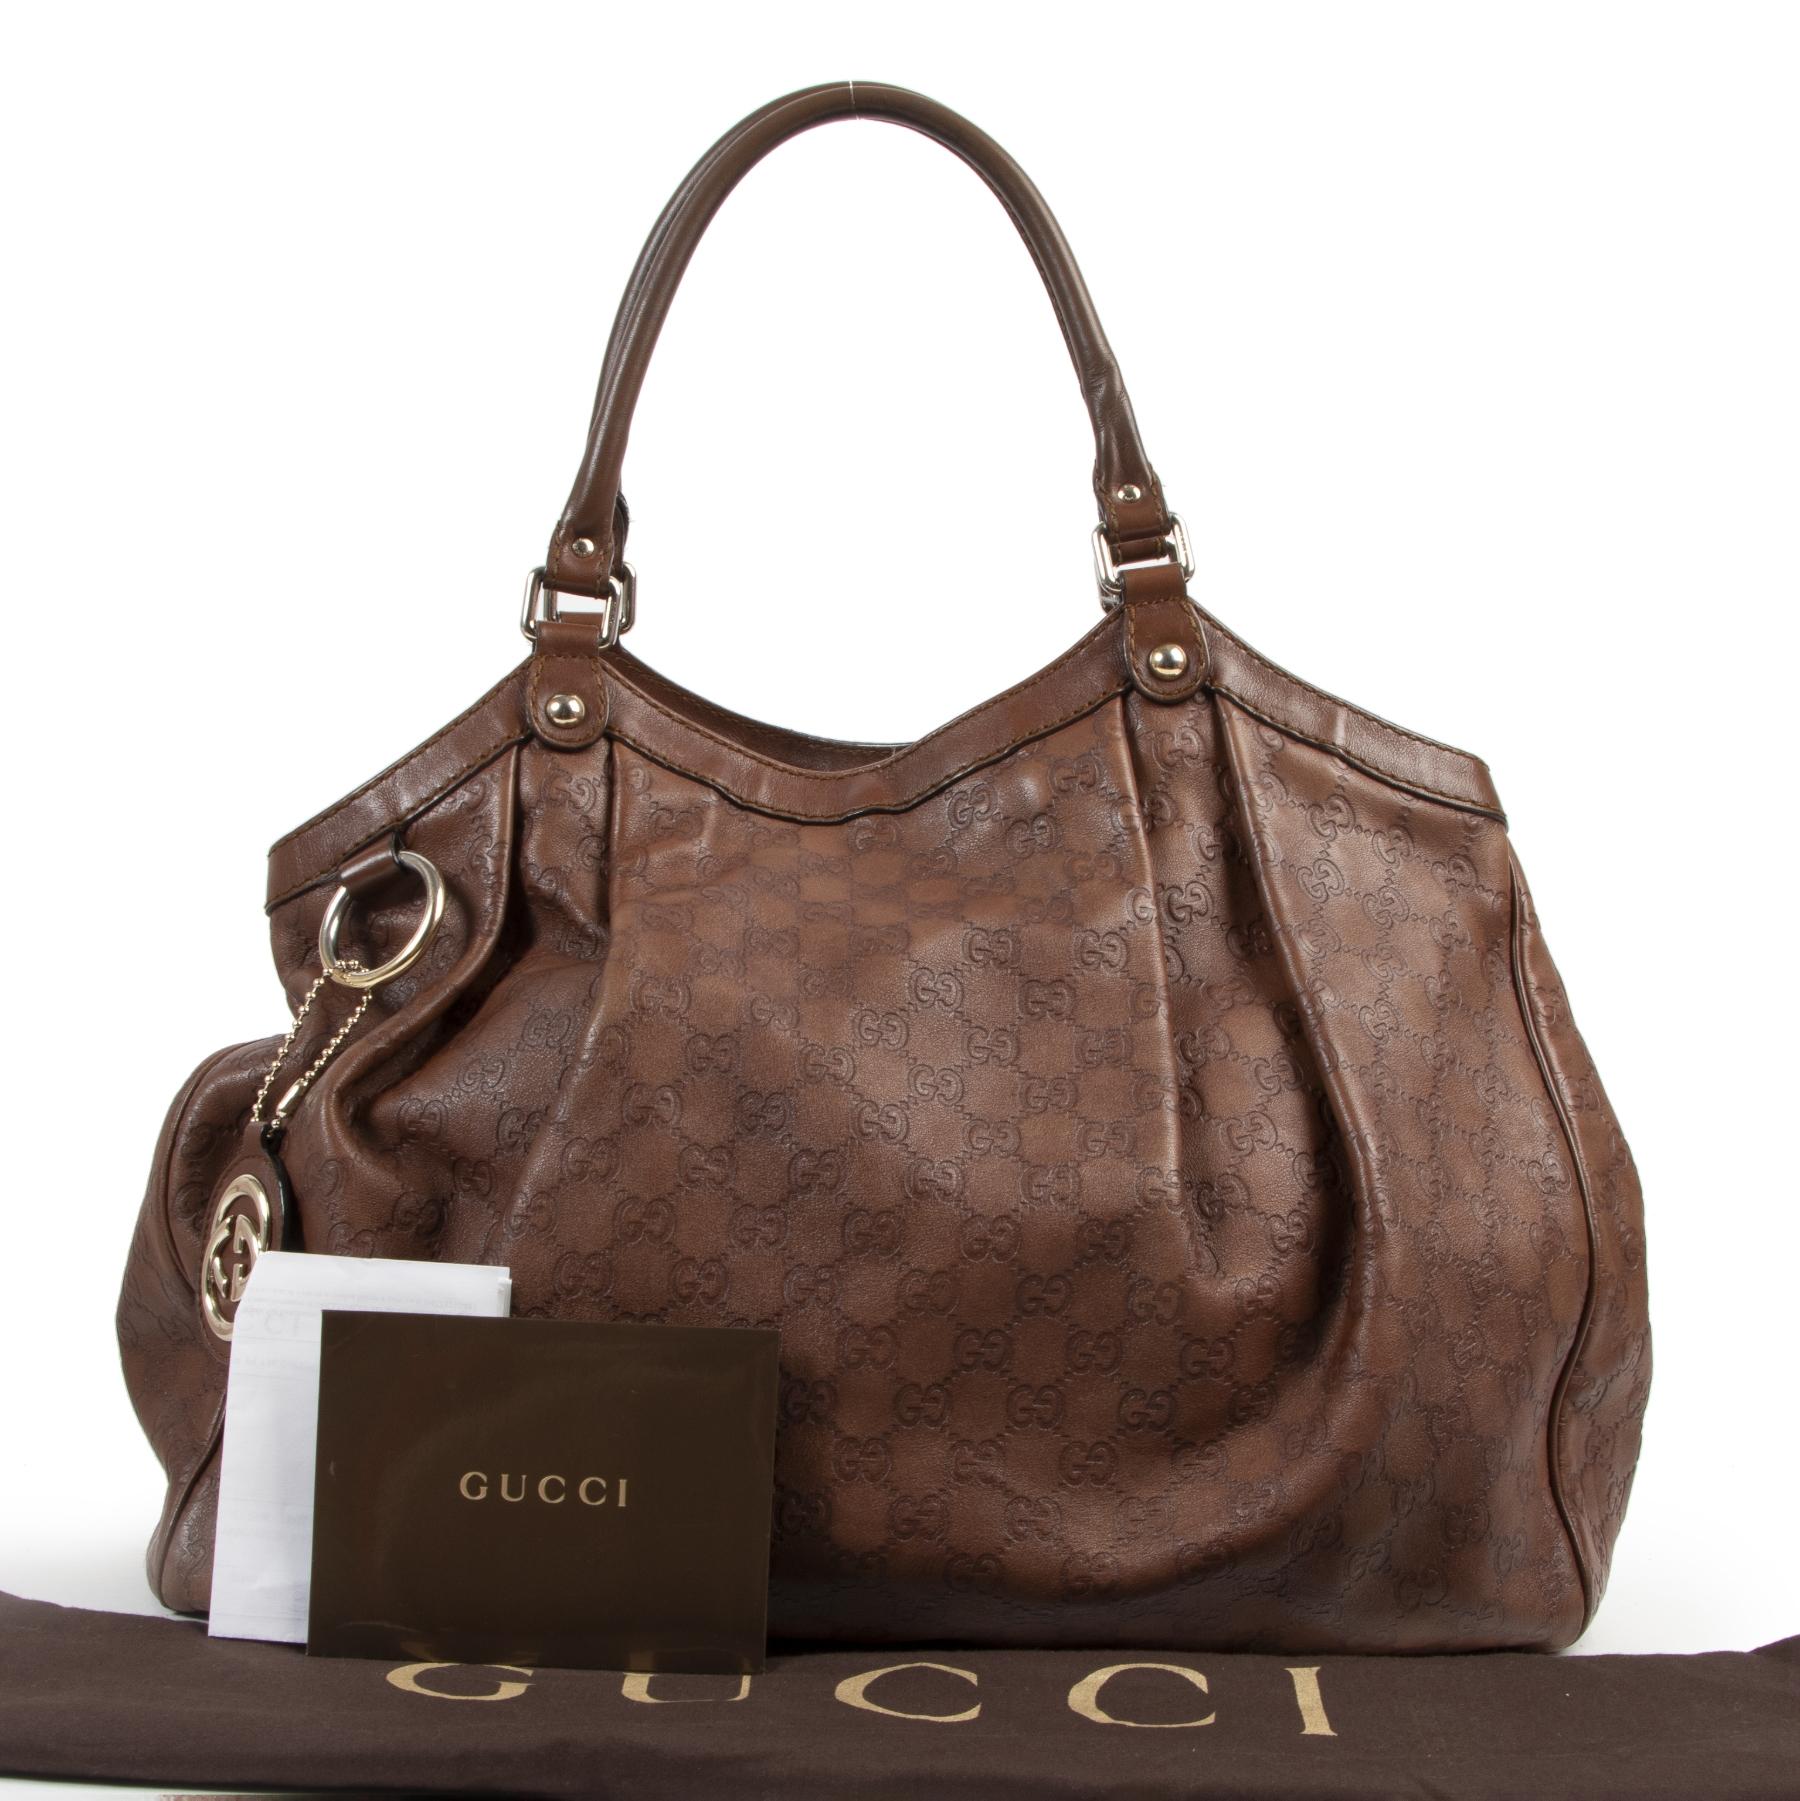 Authentieke Tweedehands Gucci Brown Monogram Leather Shopper juiste prijs veilig online shoppen luxe merken webshop winkelen Antwerpen België mode fashion